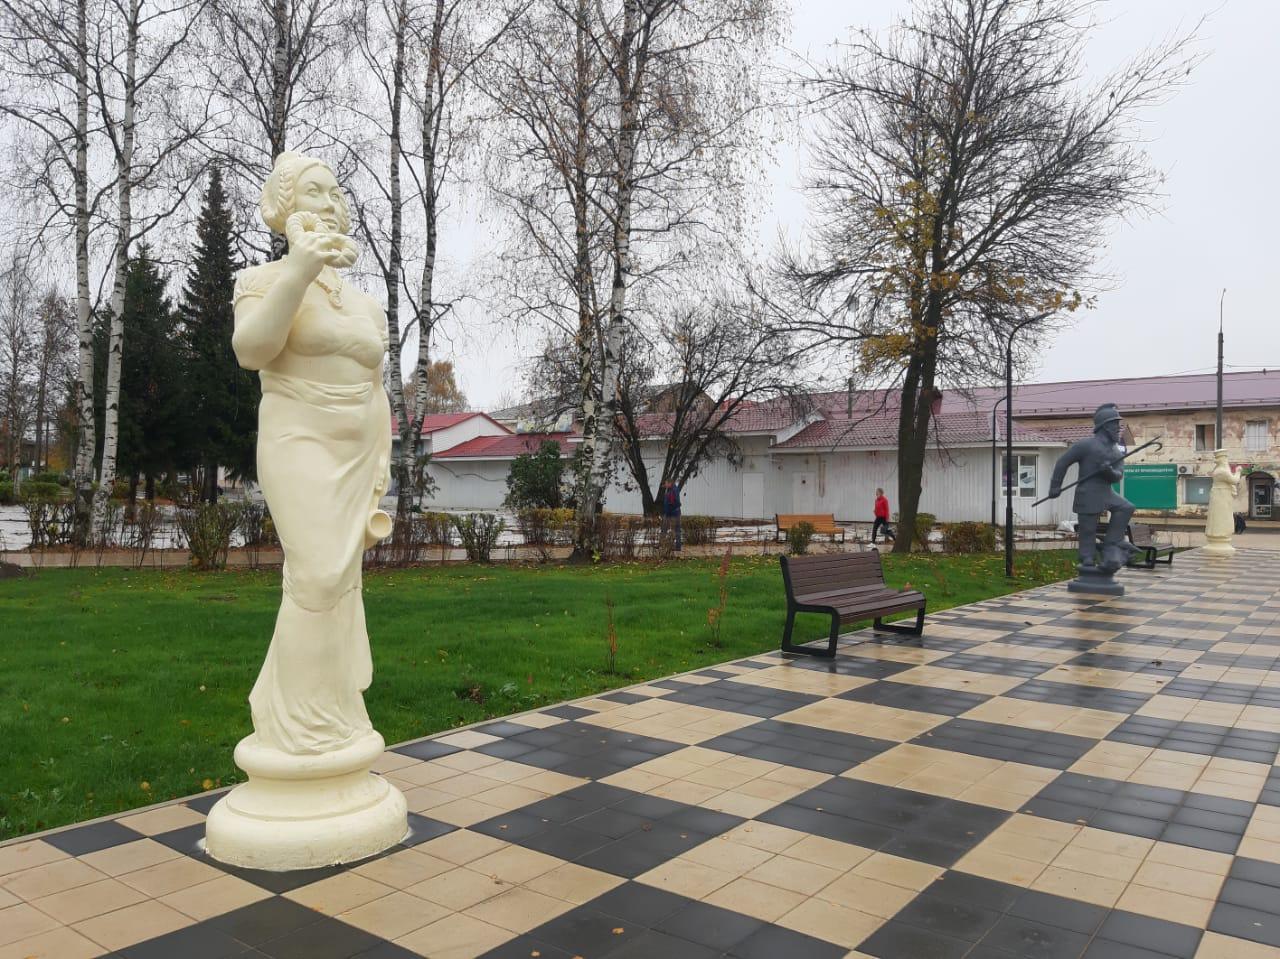 «Шахматный сквер» и булыжная мостовая: в Данилове полностью завершили работы по благоустройству главной площади